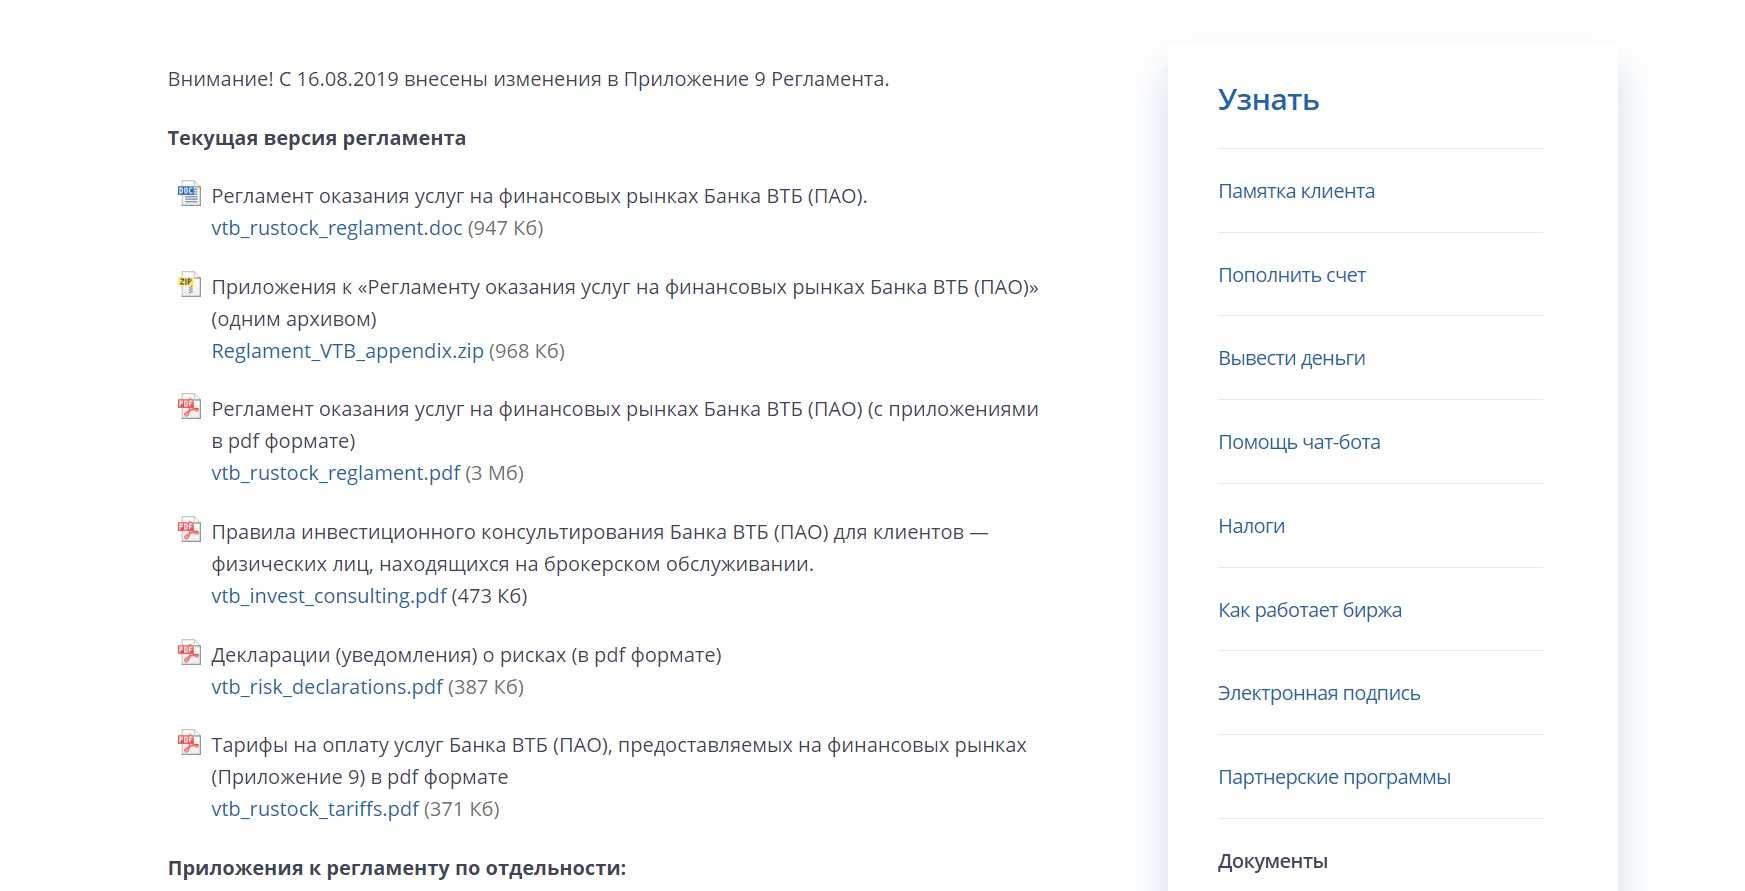 ВТБ брокер – реальные отзывы о брокере ВТБ